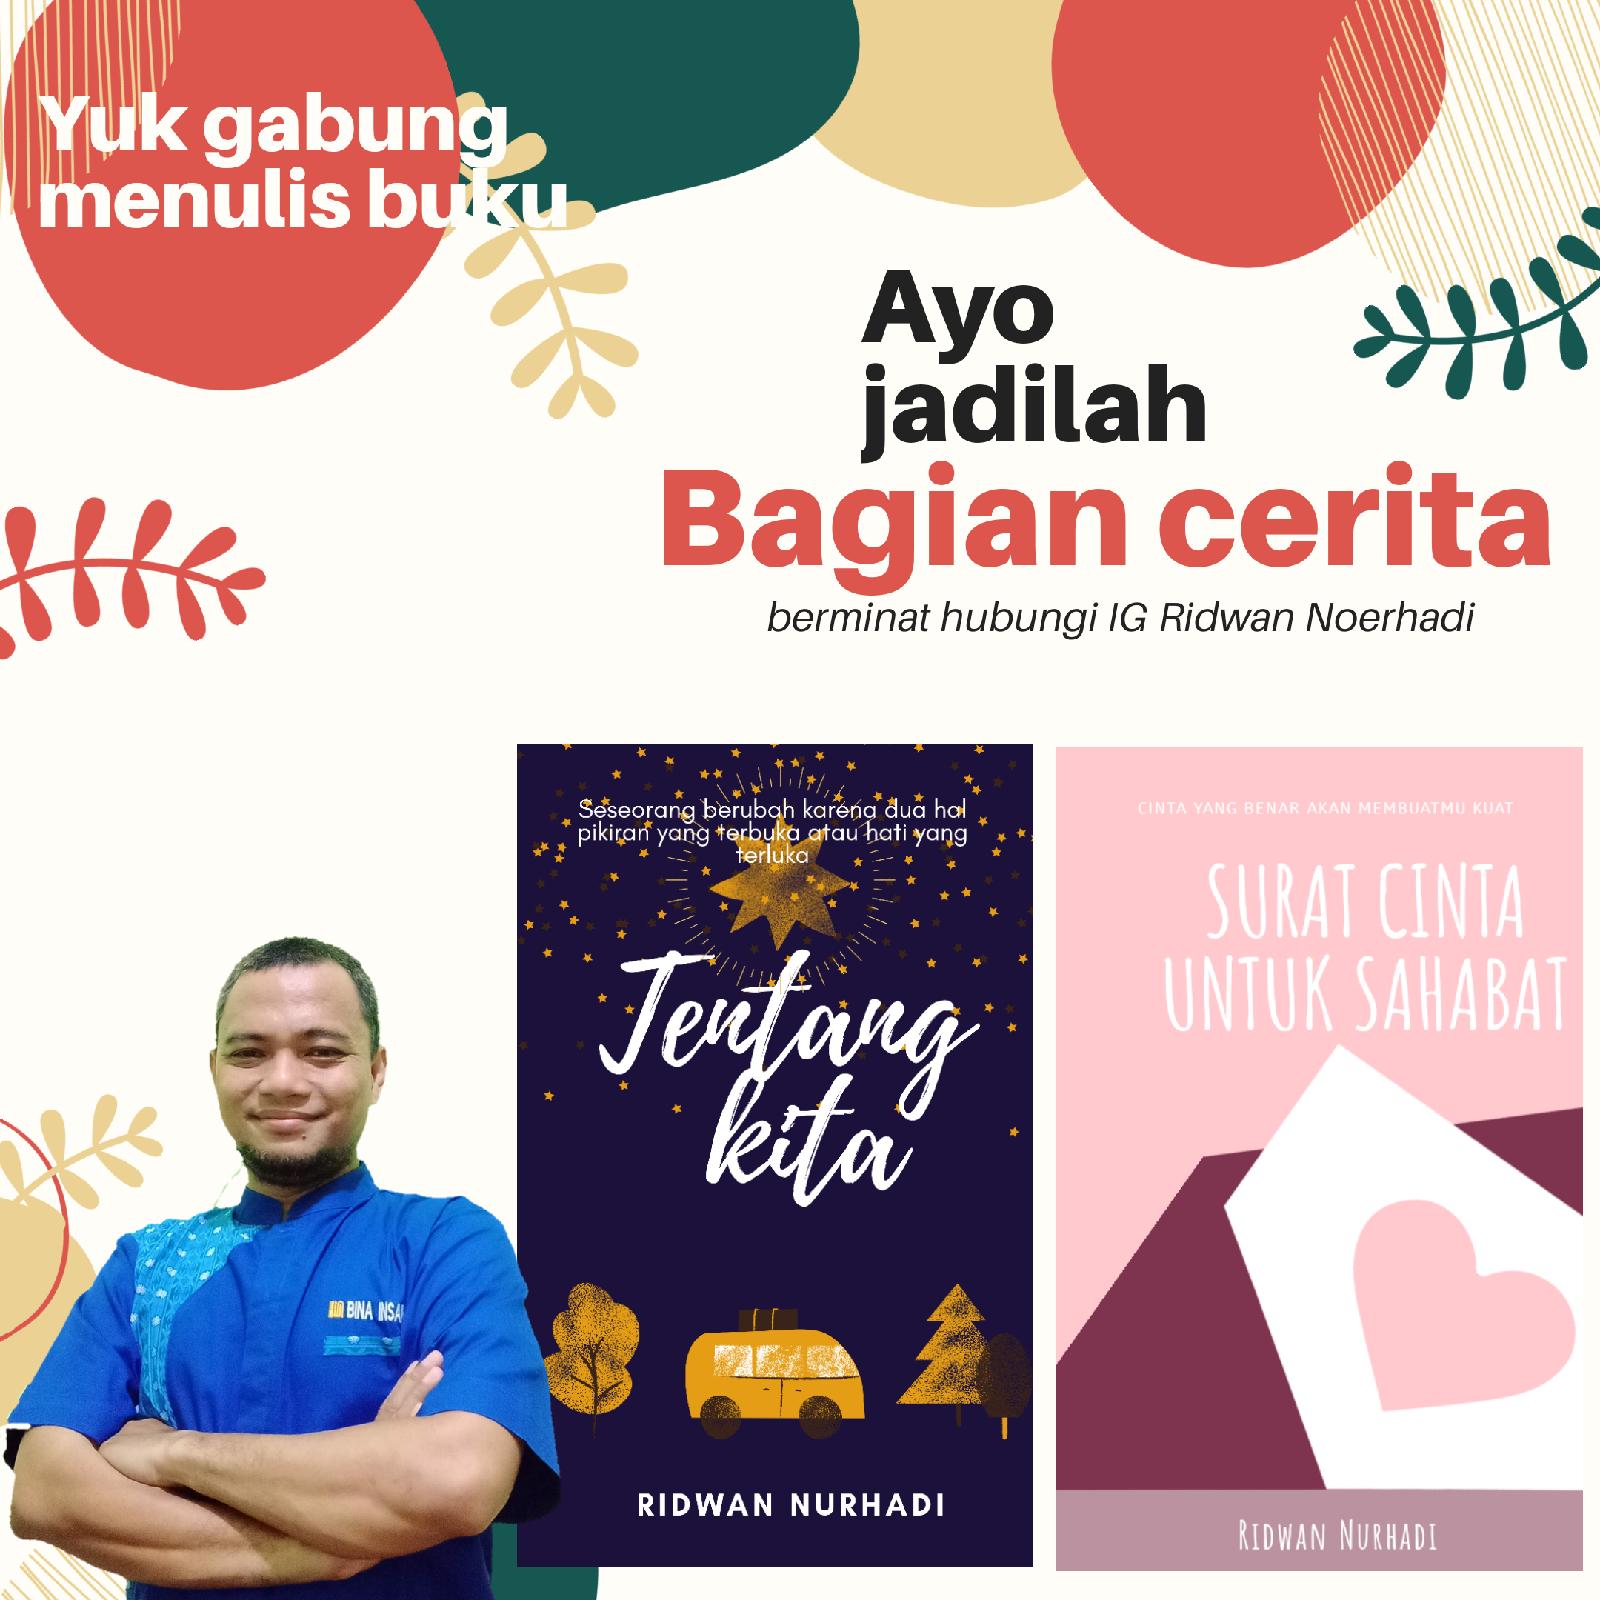 Yuk menulis buku bersama